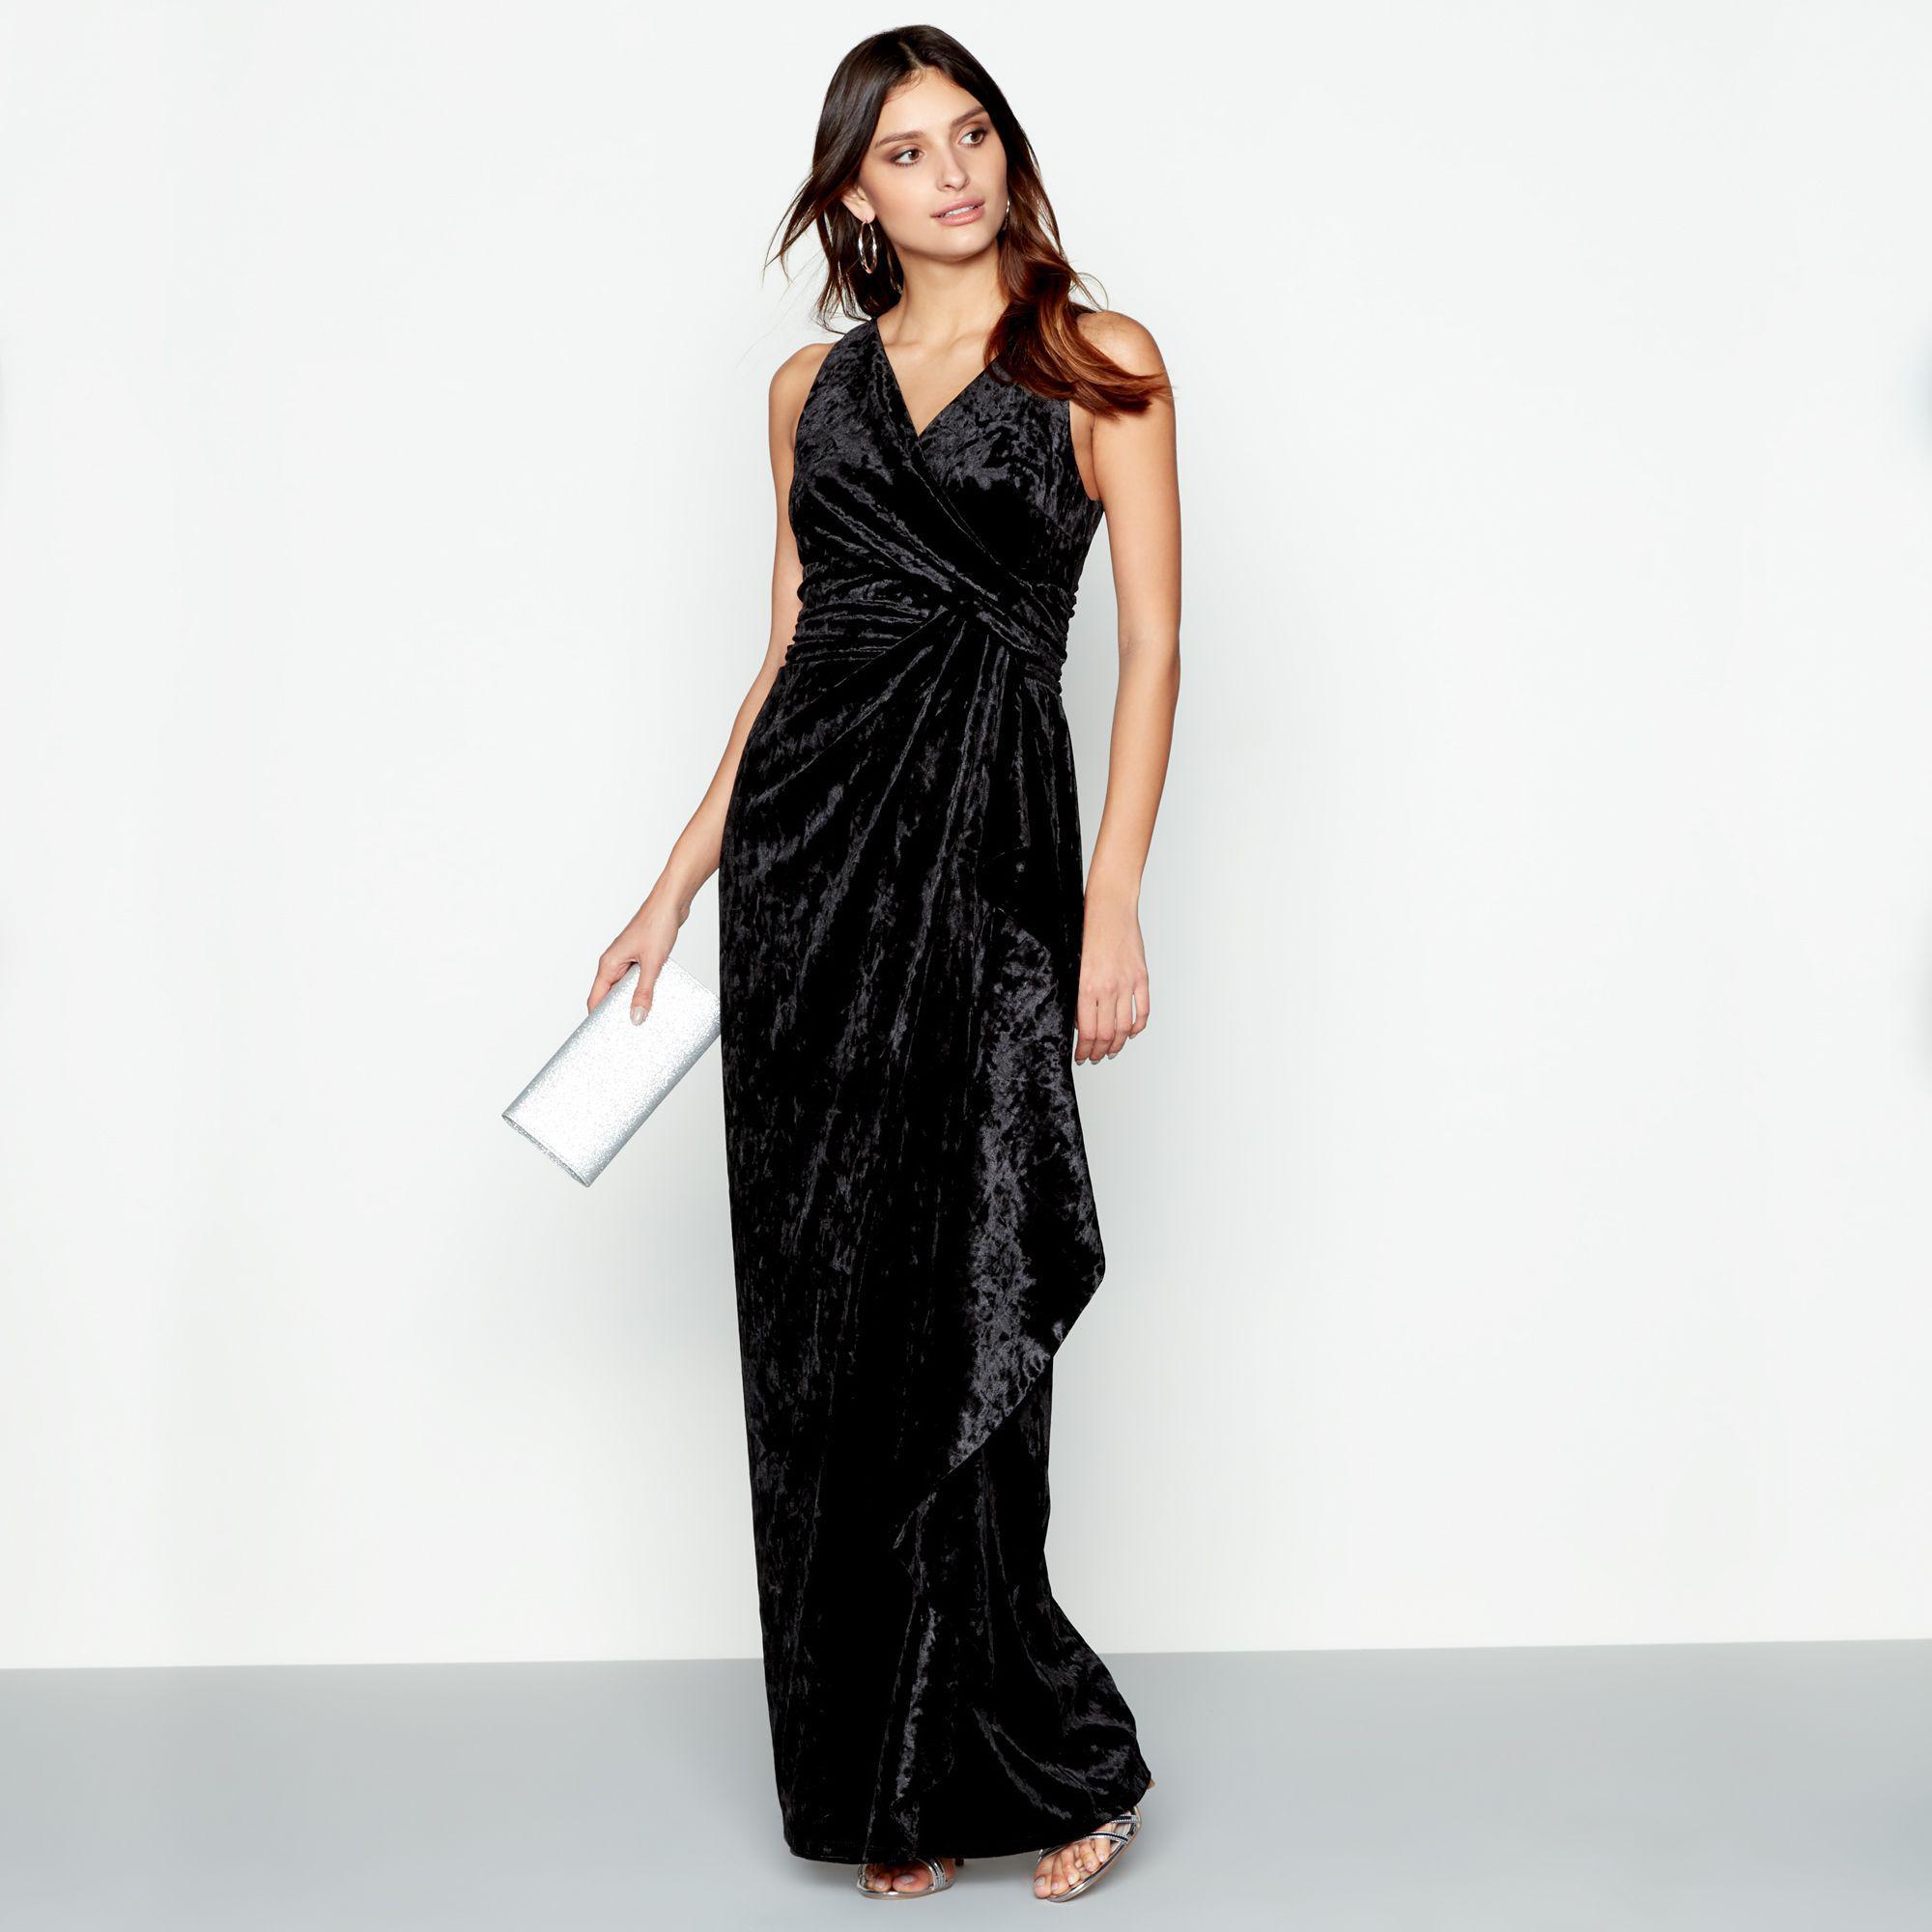 Début Black Velvet \'viv\' V-neck Evening Dress in Black - Lyst